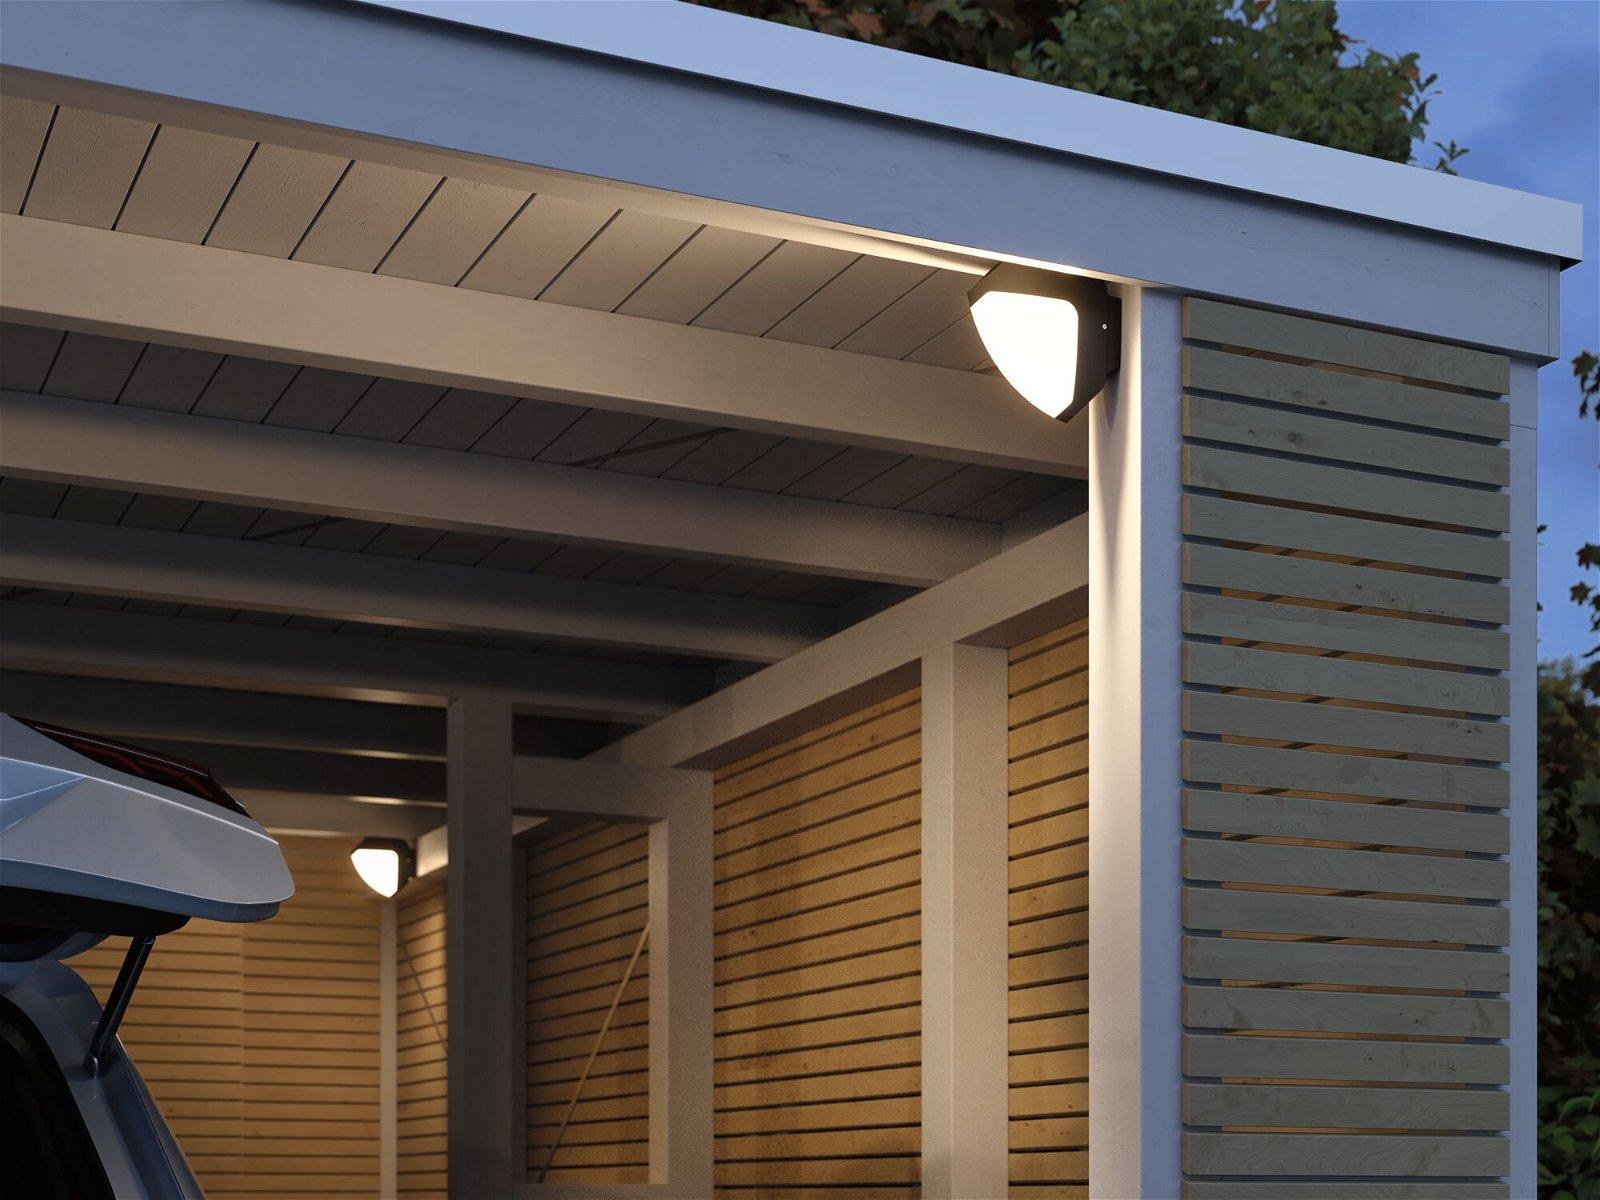 Park + Light LED Außenwandleuchte Ikosea IP44 50x203mm 3000K 5,6W 300lm 12V Anthrazit Kunststoff